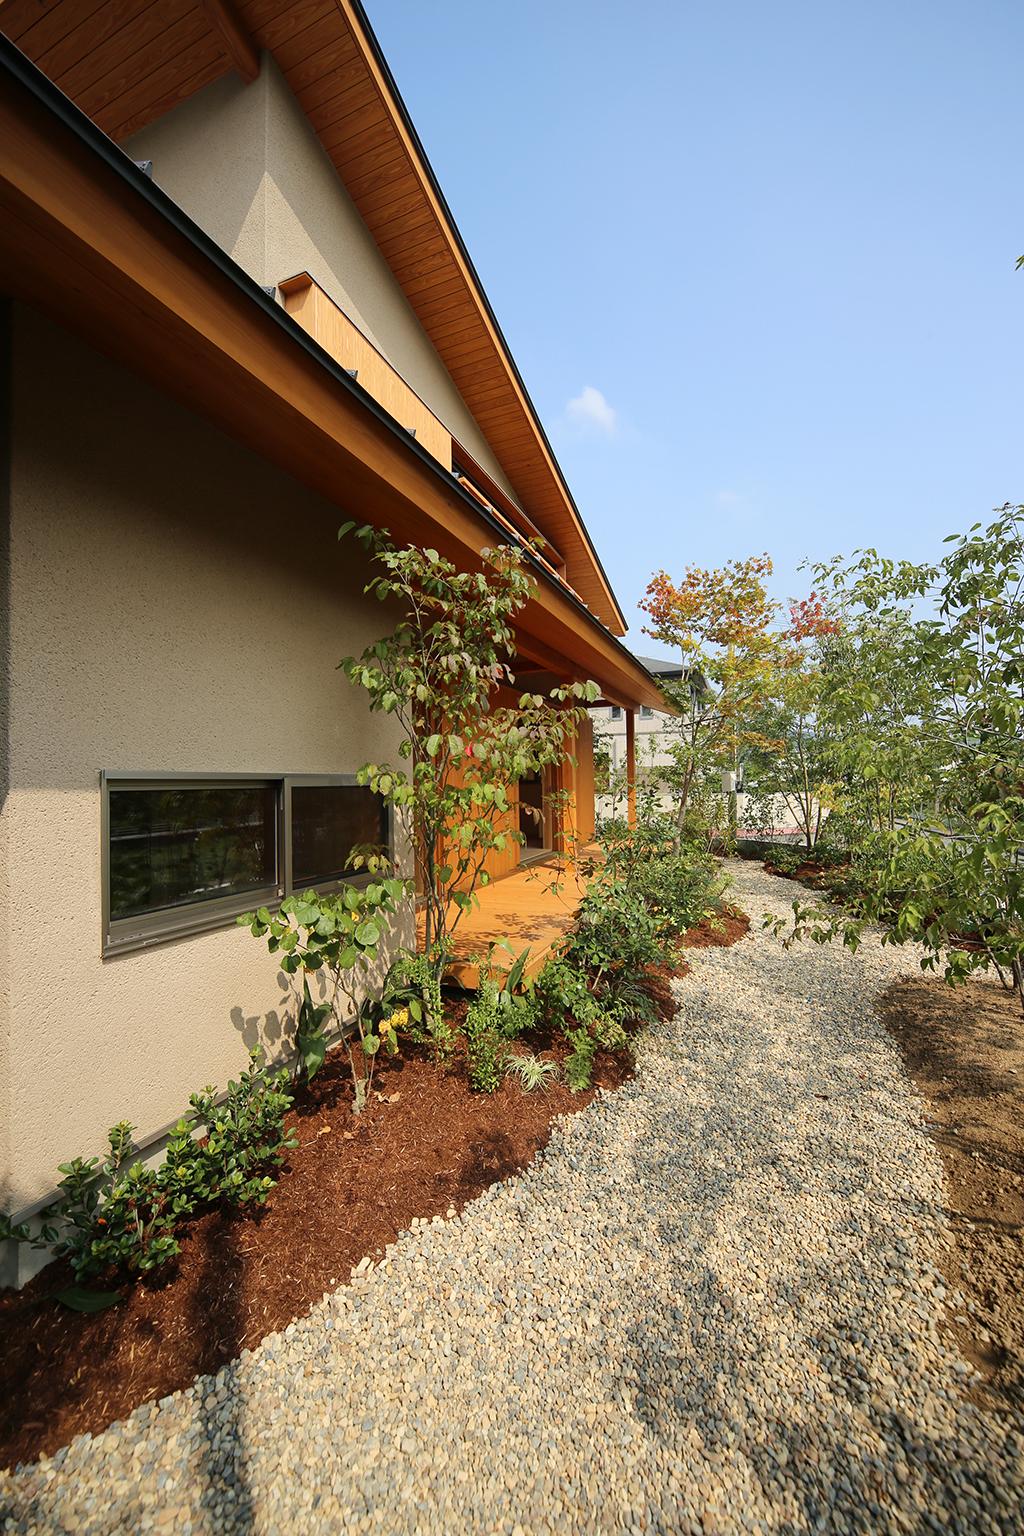 姫路市の木の家 ハーブがいっぱいの庭